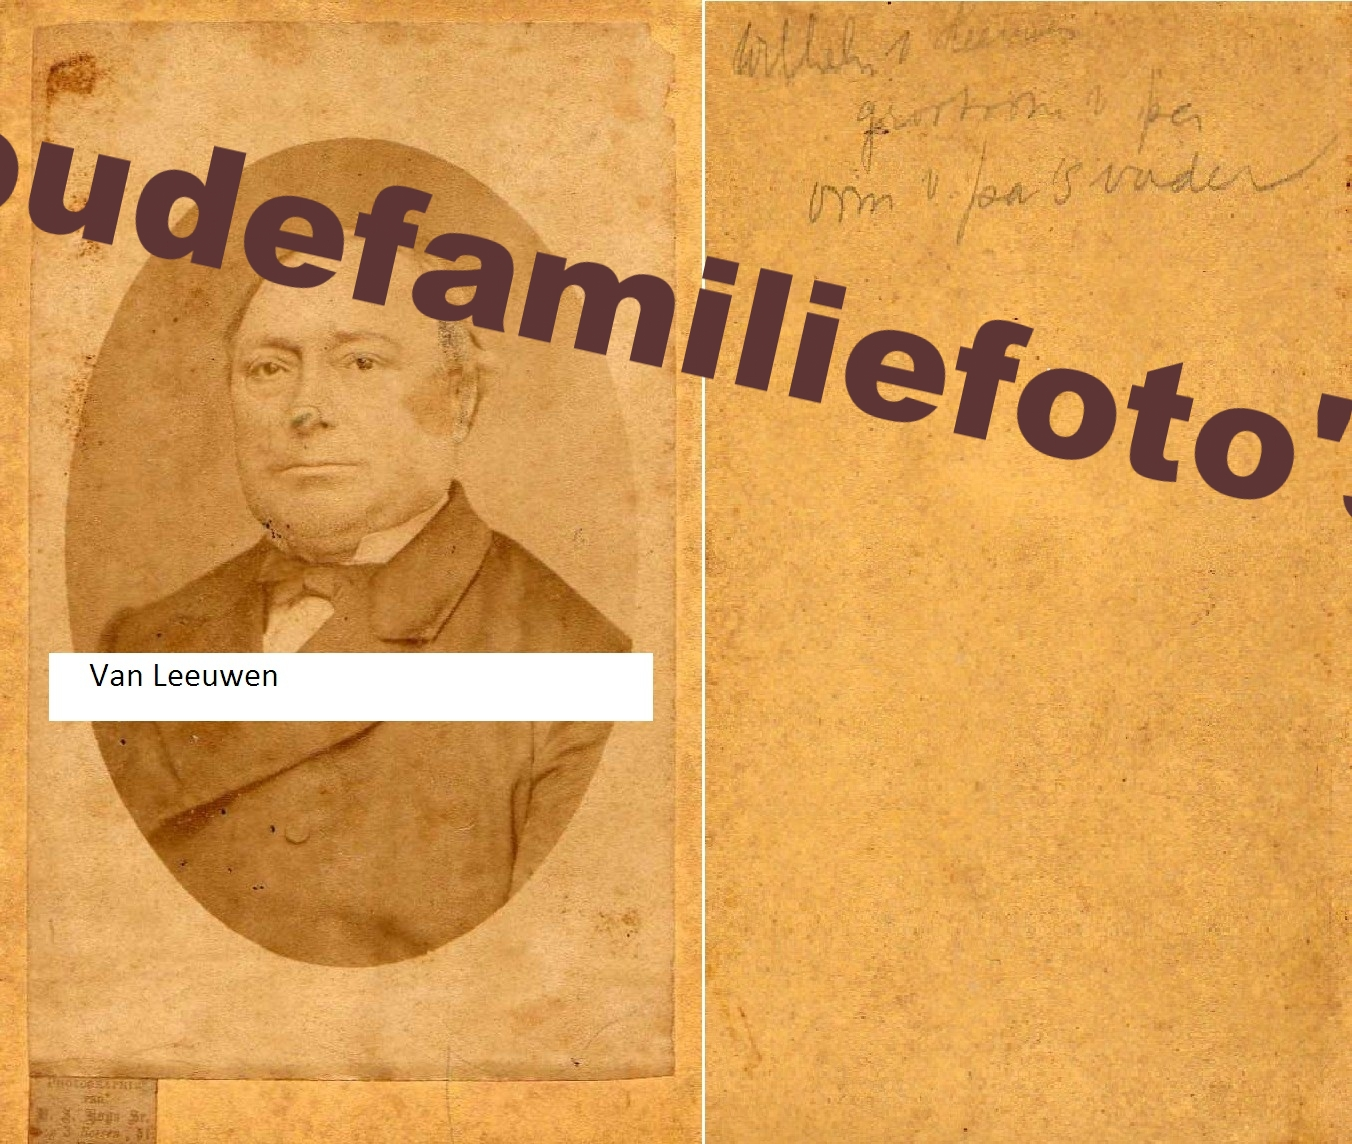 Leeuwen van, Wilhelmus geb. (7)-5-1818 Den-Haag. Zoon van Gerrit en Pieternelletje Parlevliet. € Prijs in overleg